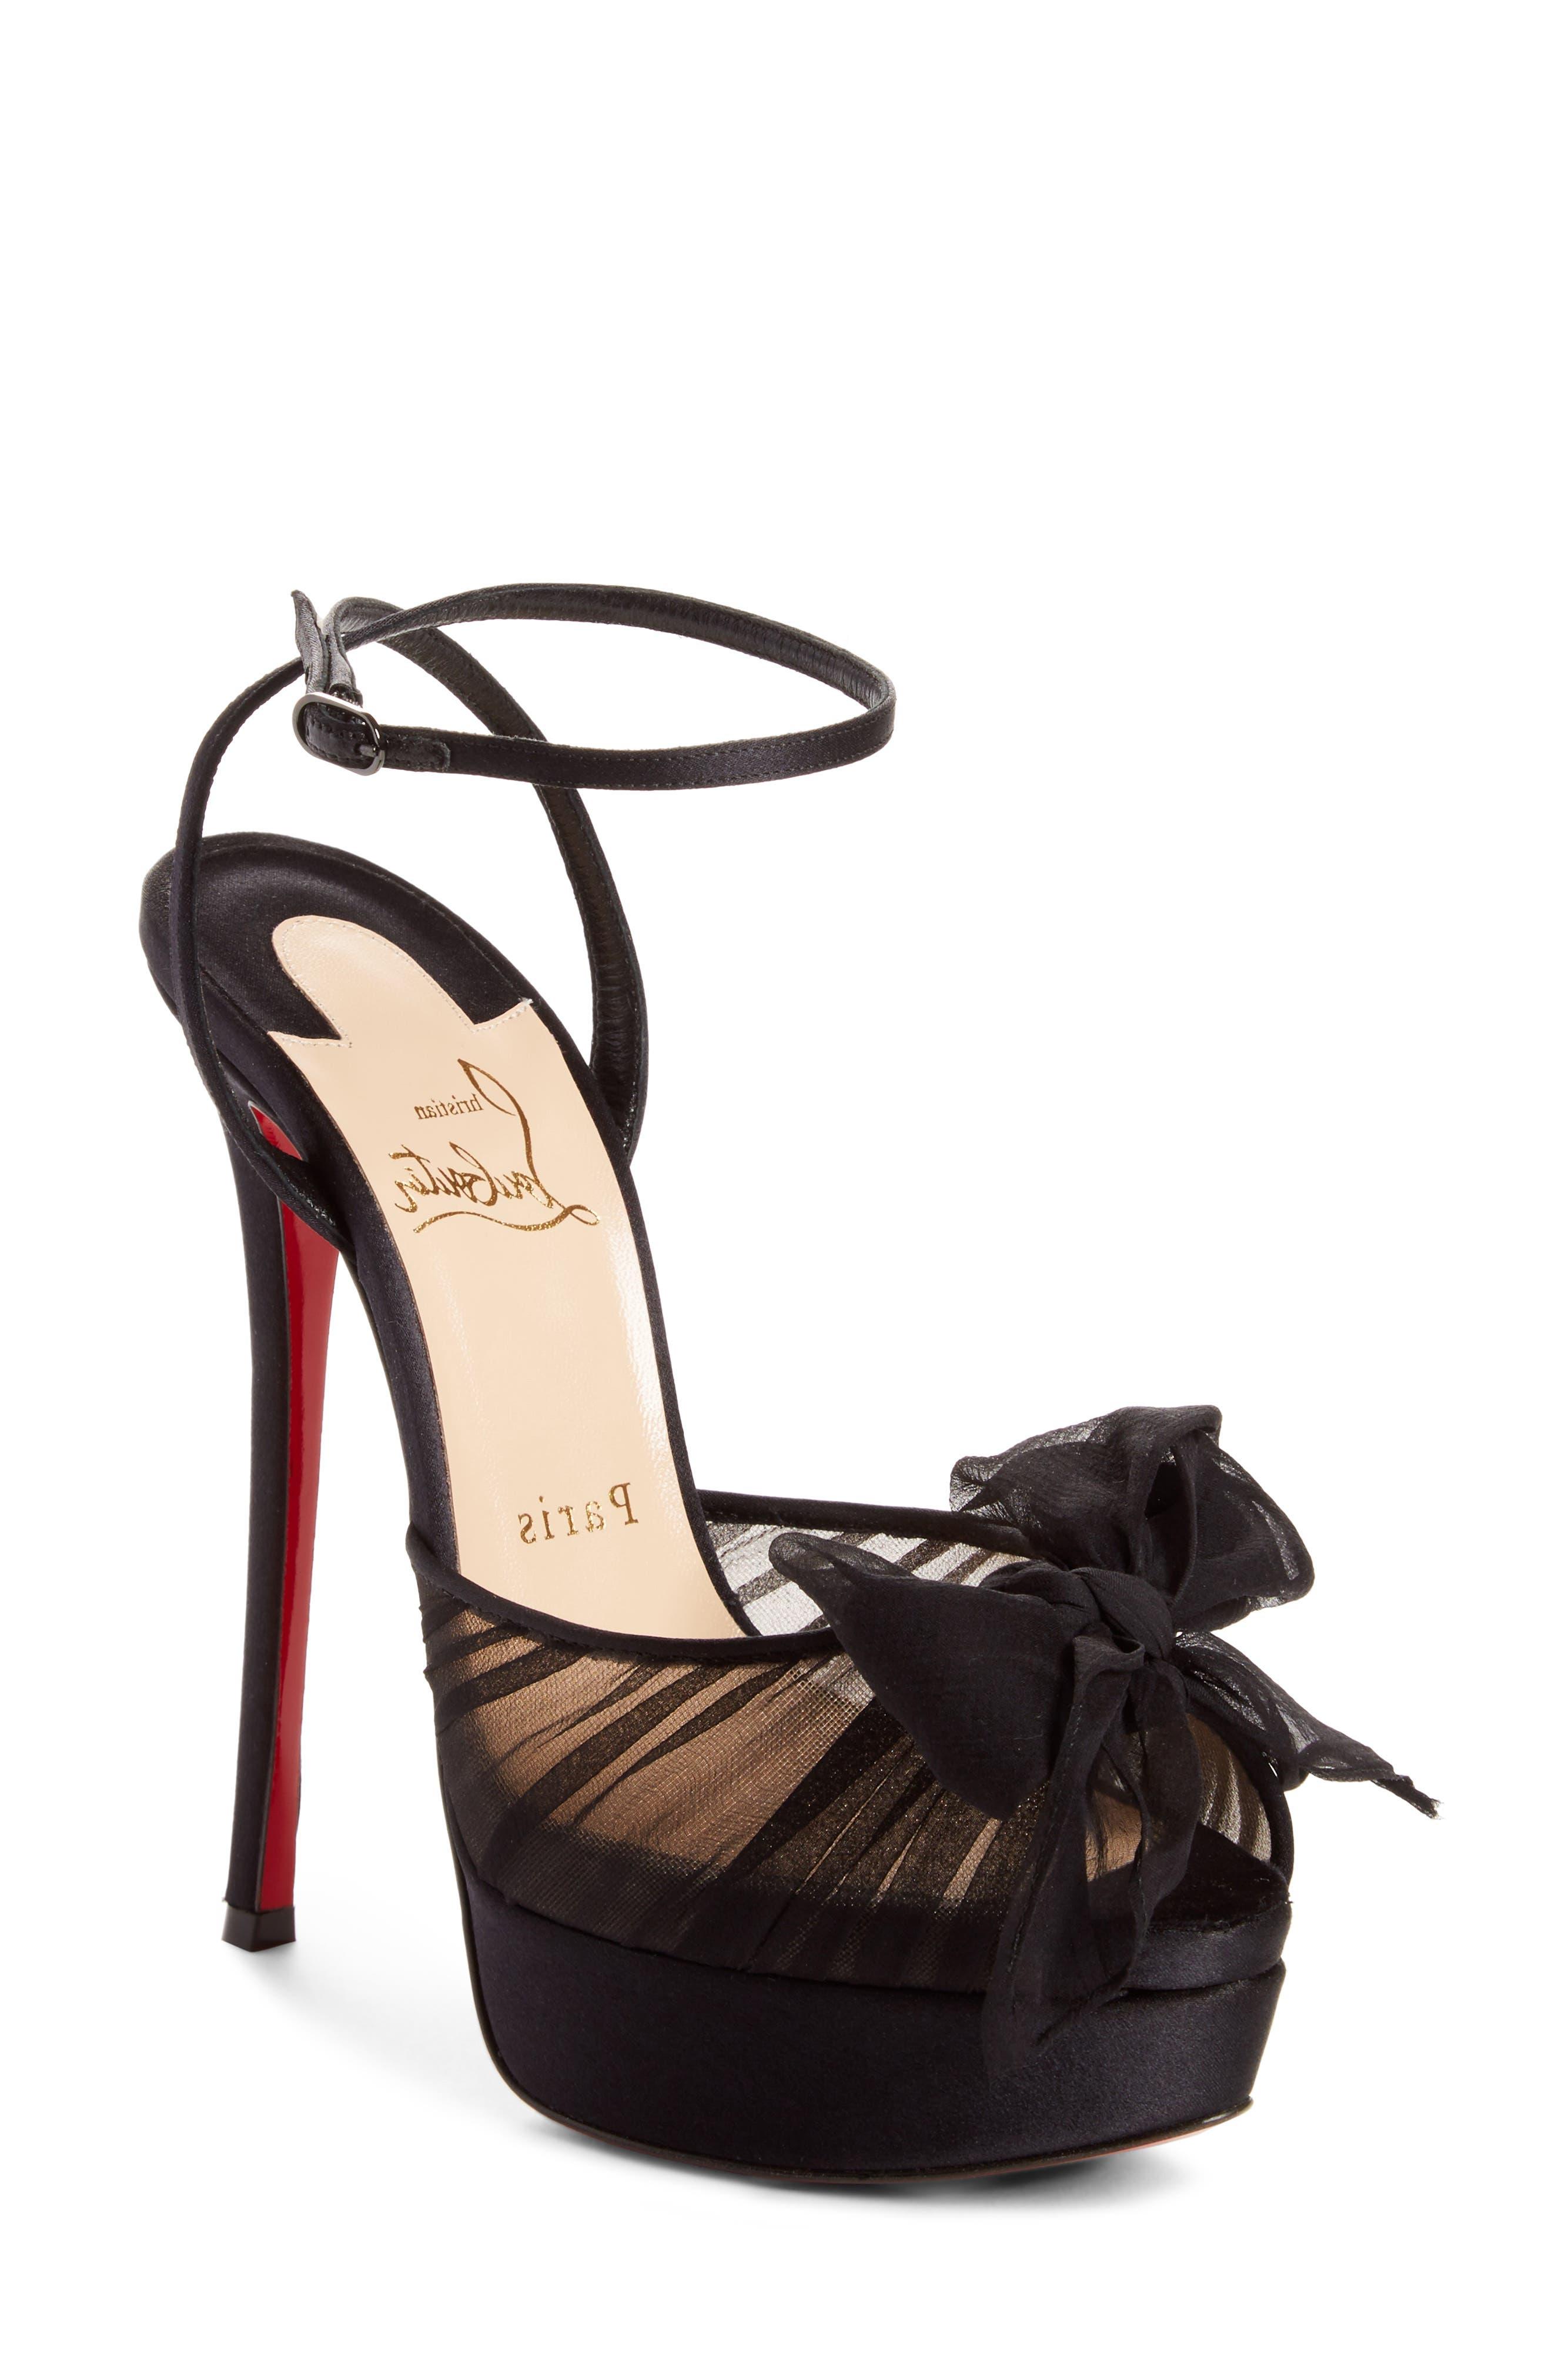 Artydiva Platform Ankle Strap Sandal,                         Main,                         color, Black